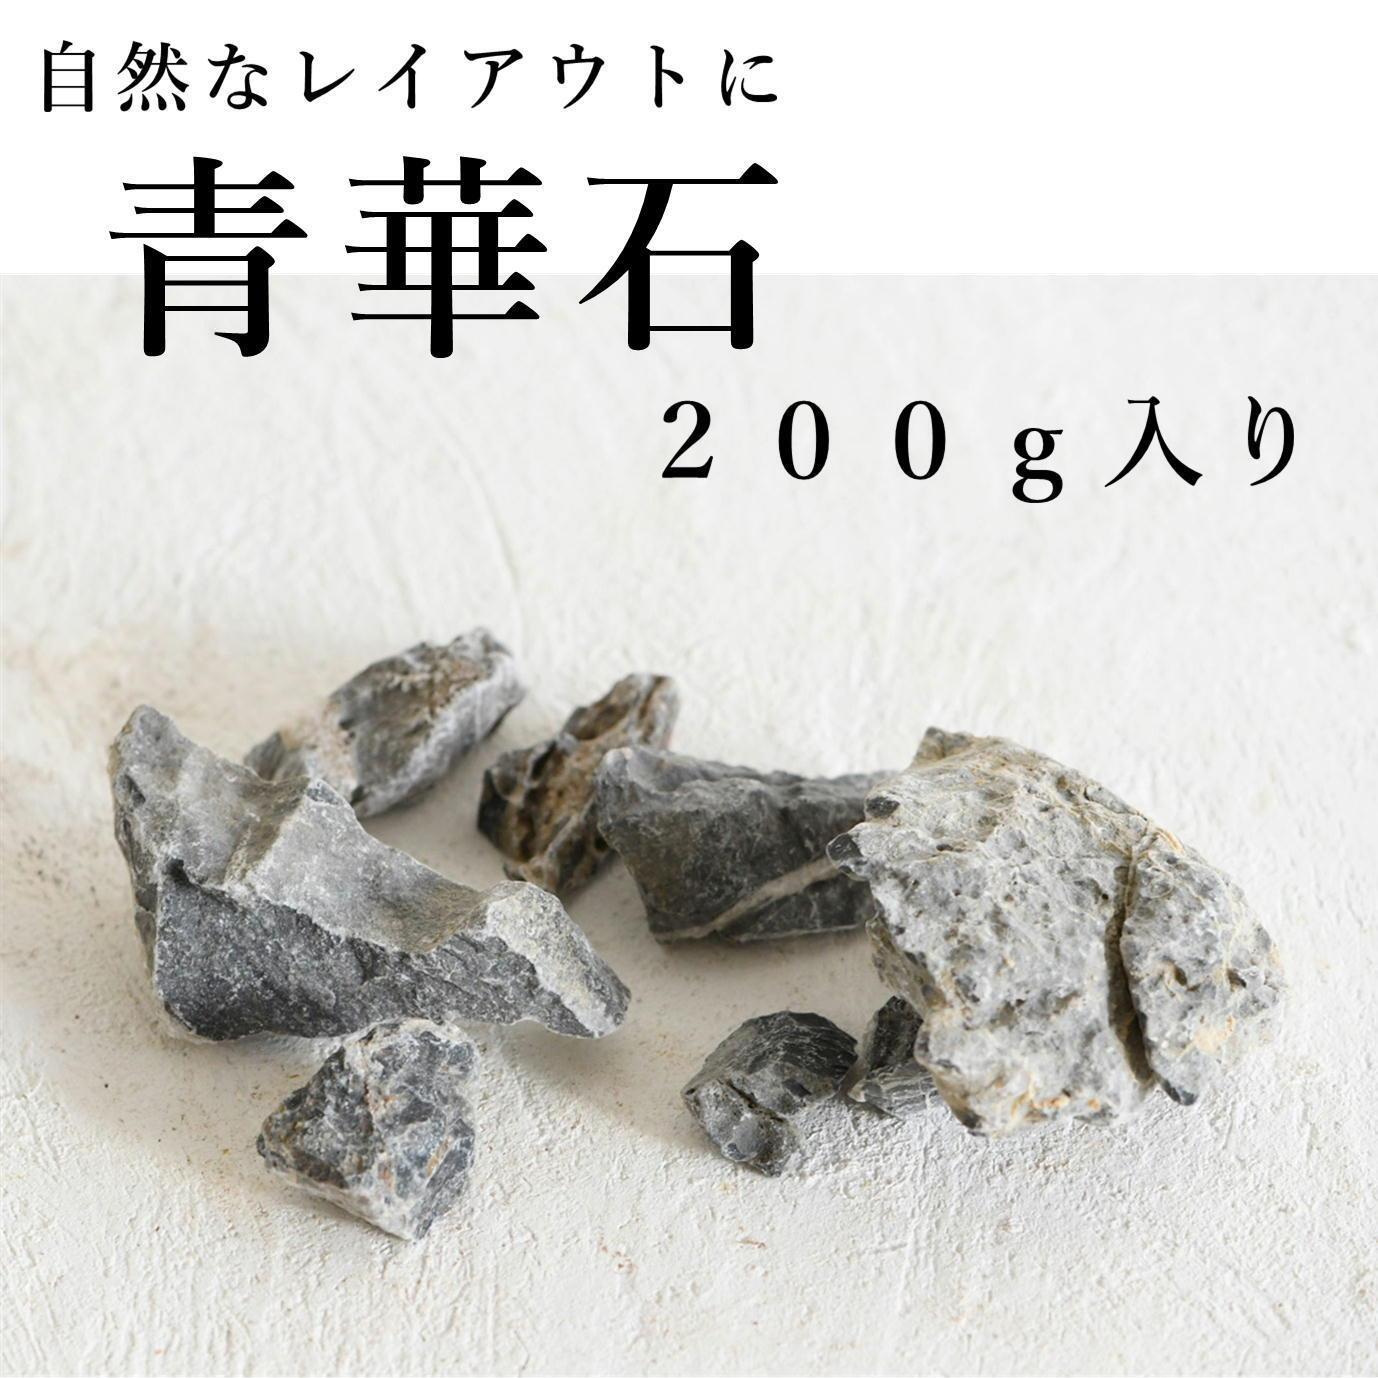 青華石 200g入り【レイアウト用】